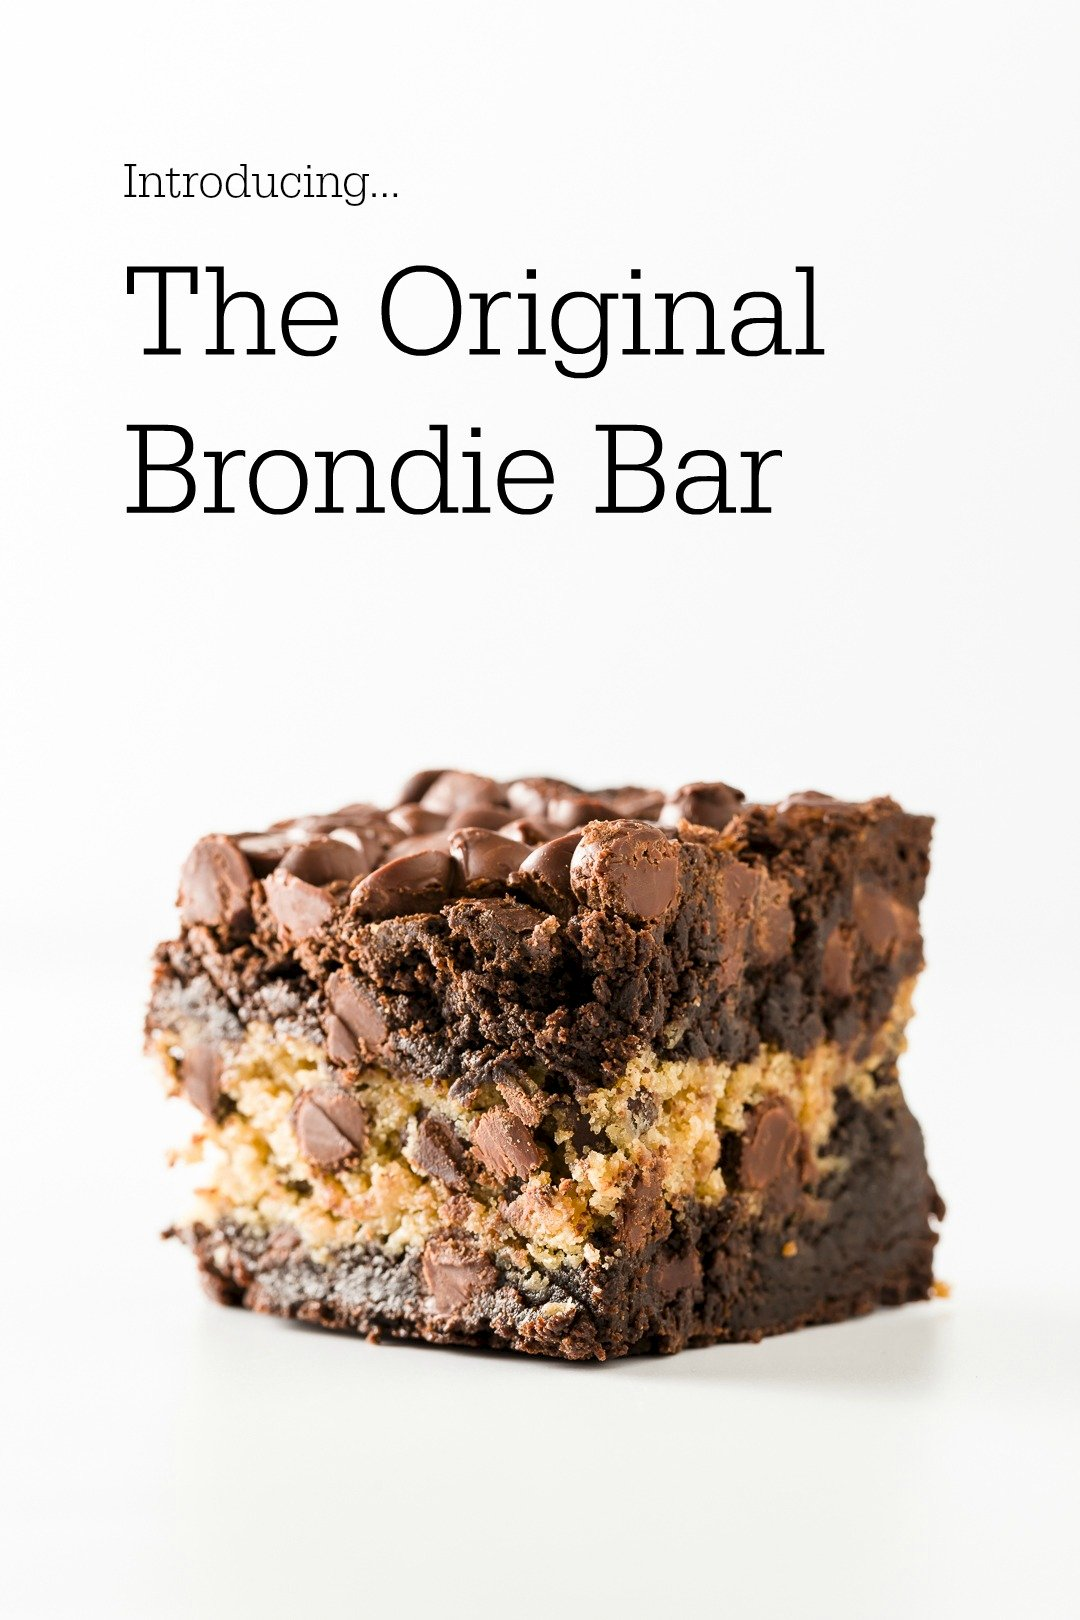 Brondie Bar